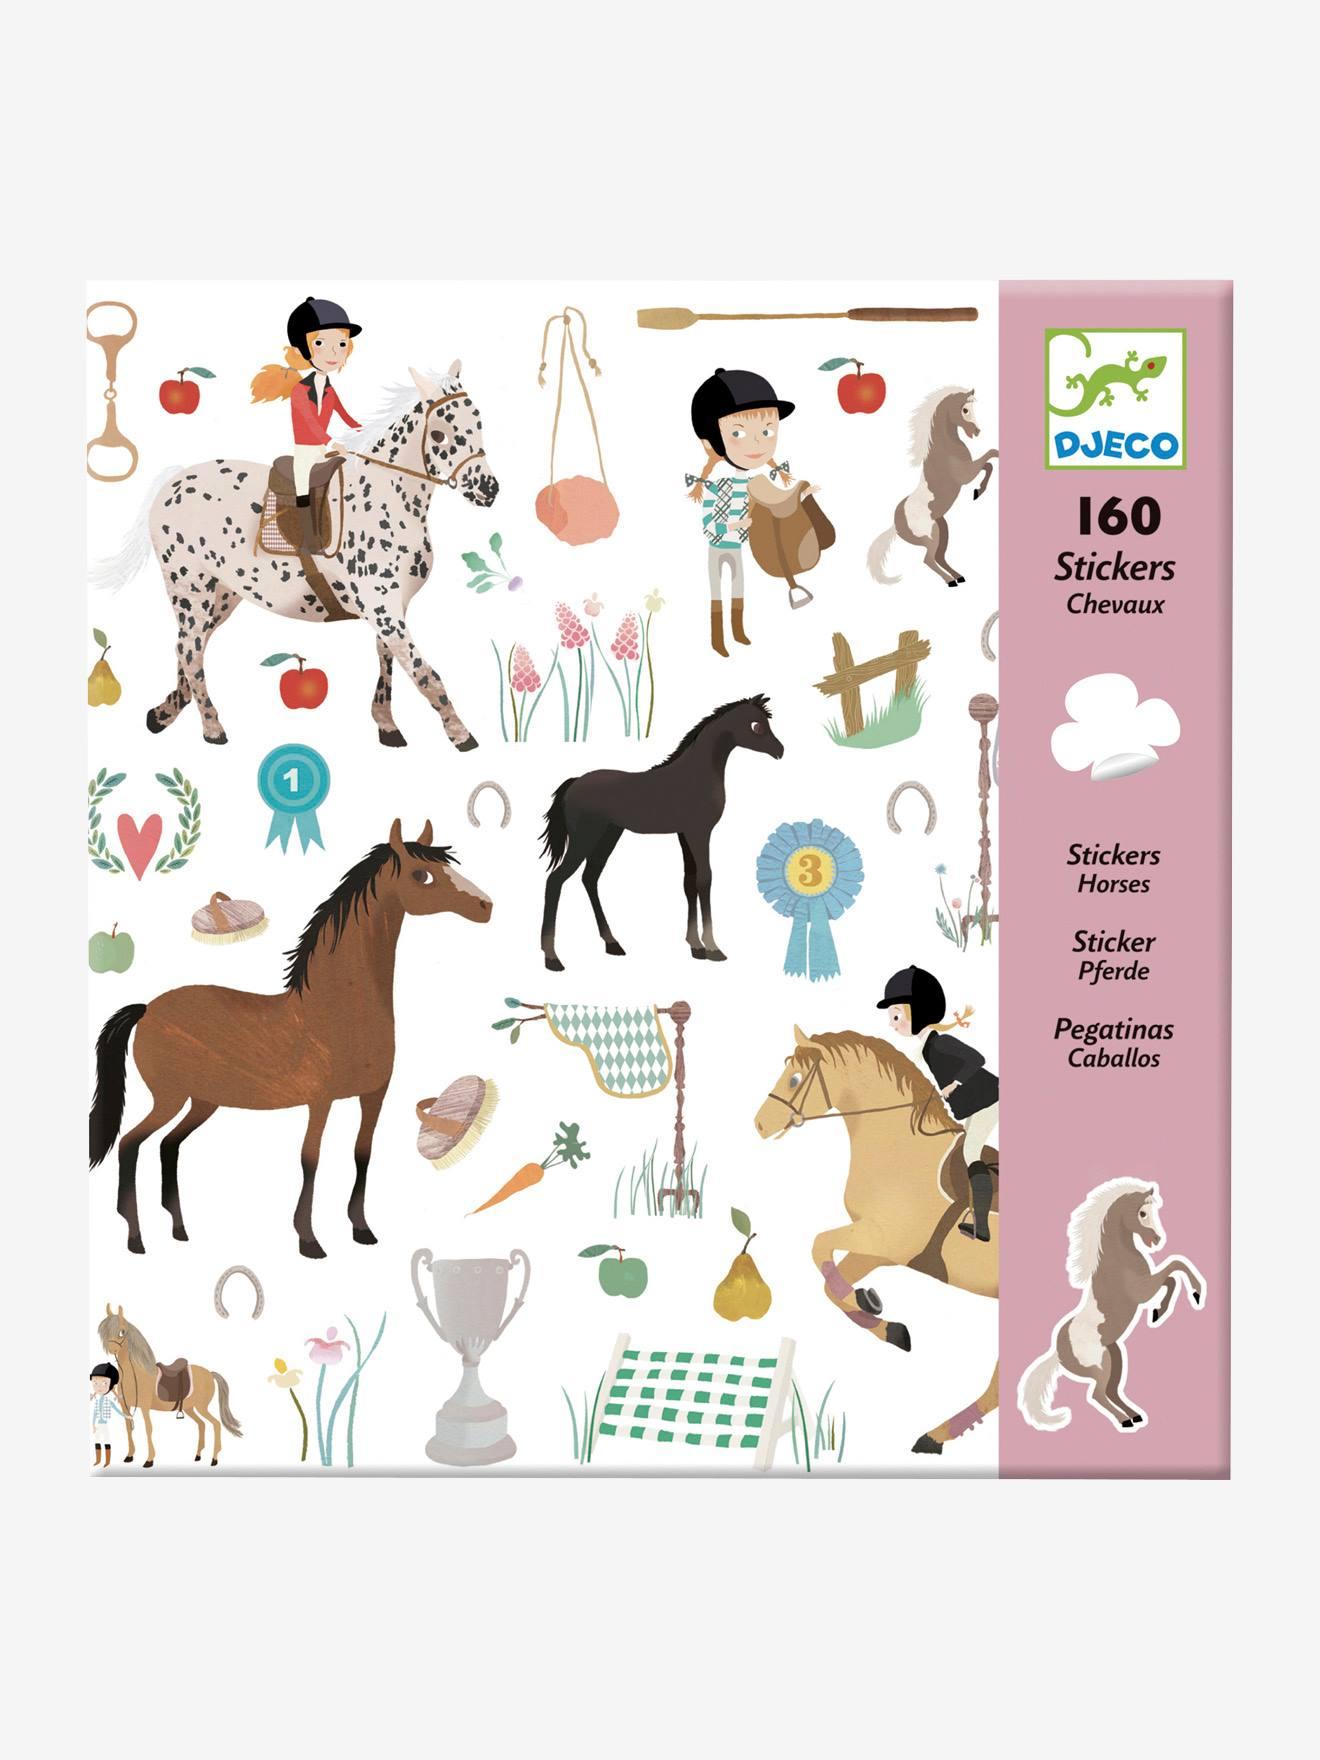 160 stickers Chevaux DJECO multicolore